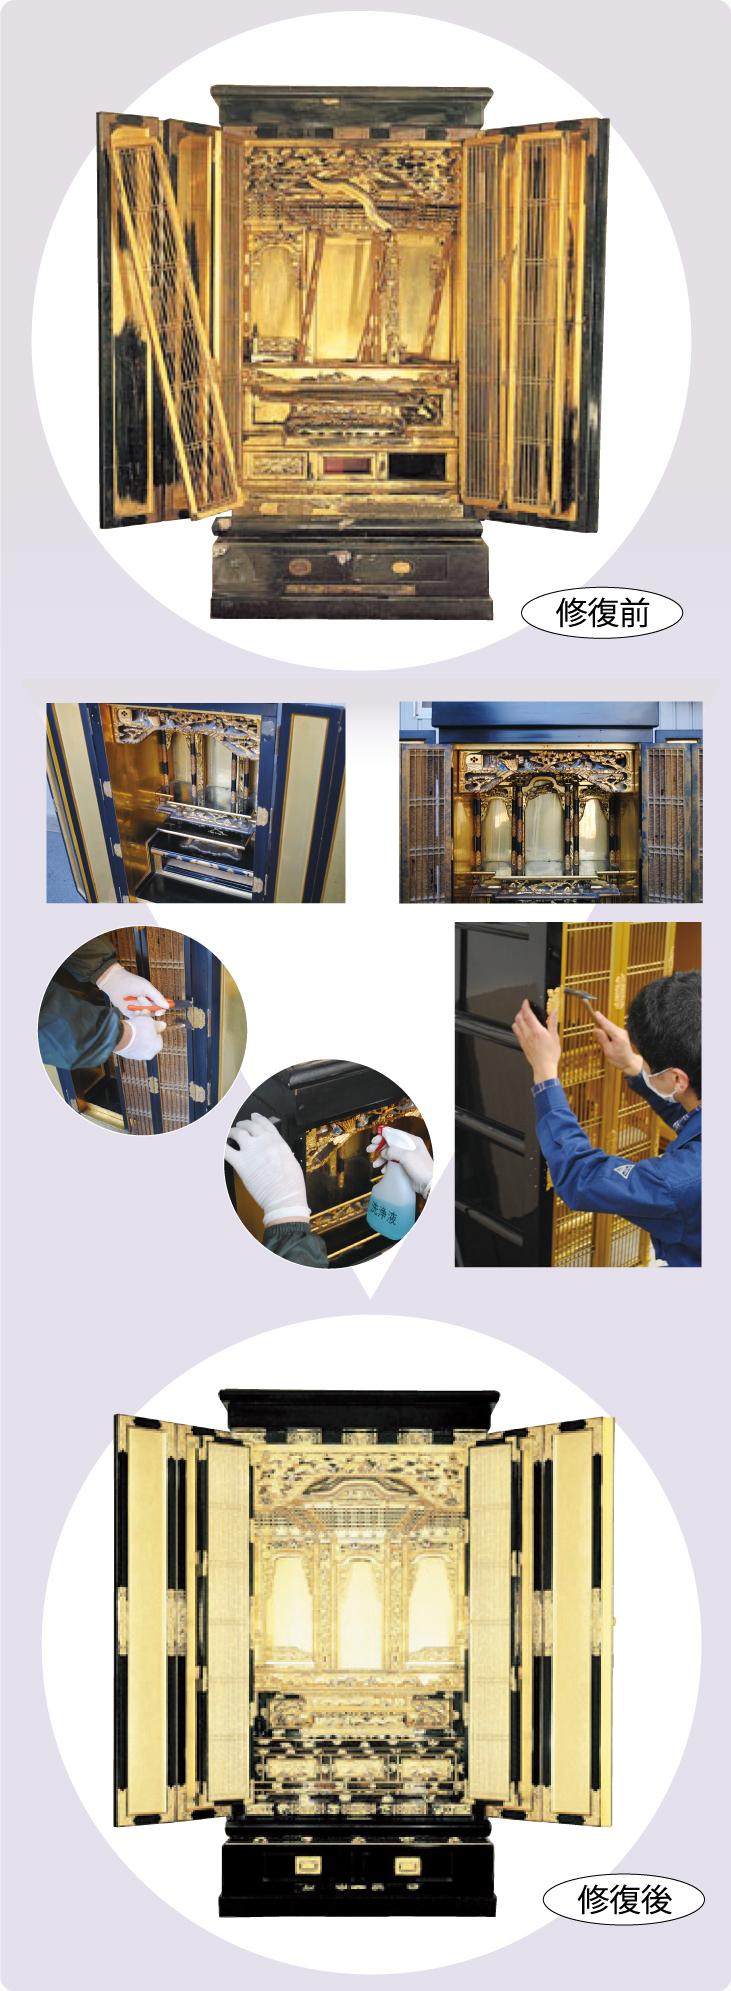 金箔お仏壇の修復例